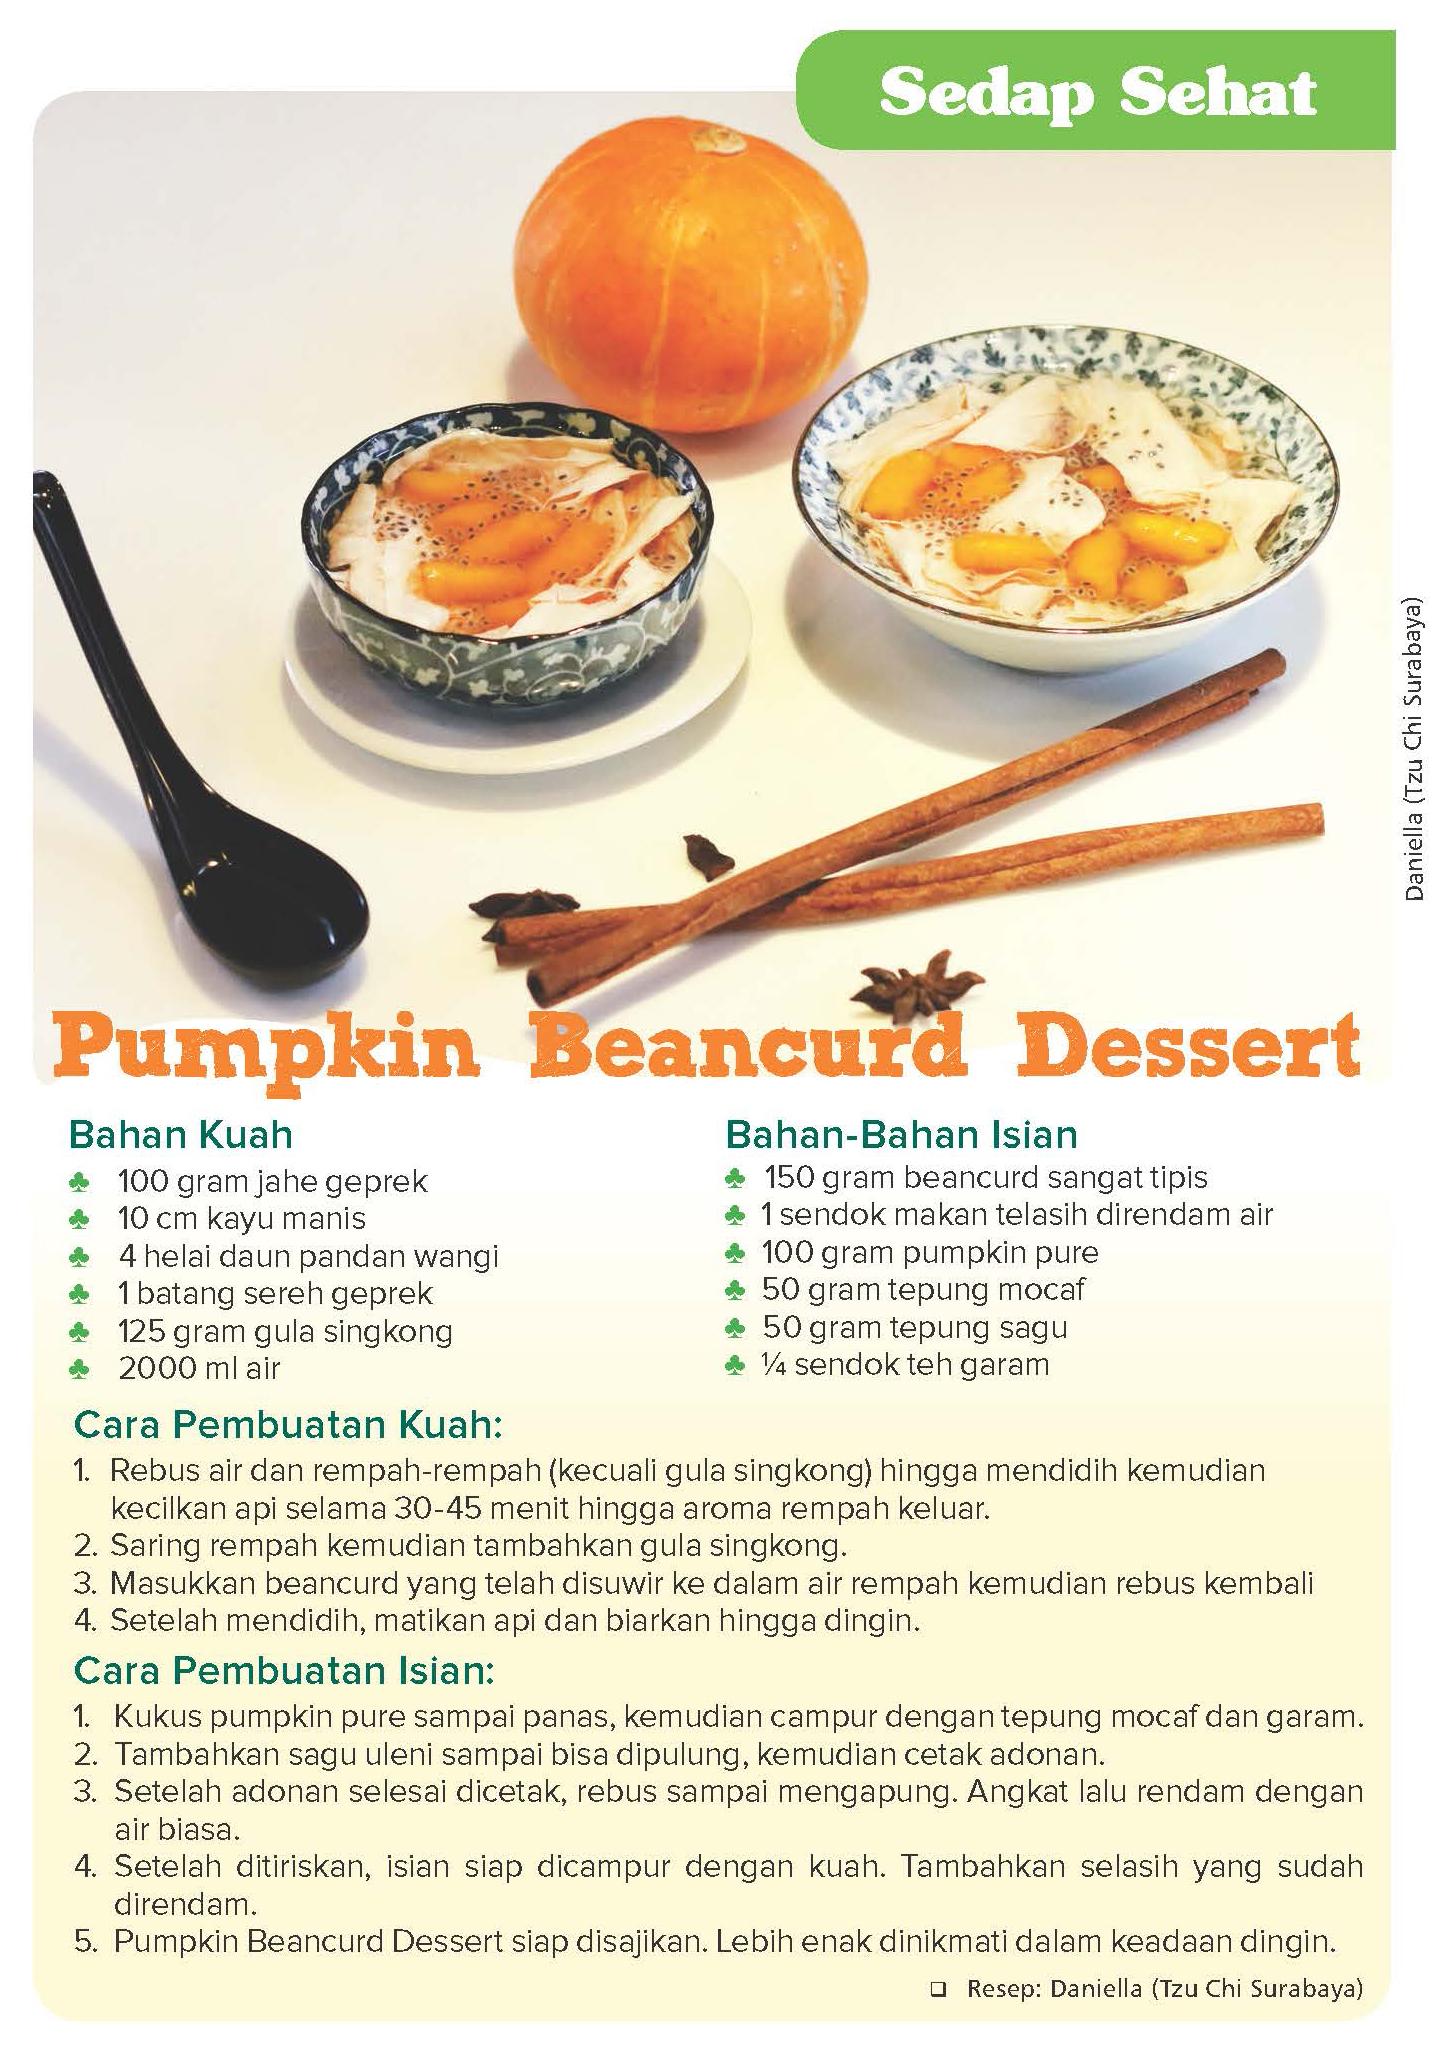 Pumpkin Beancurd Dessert